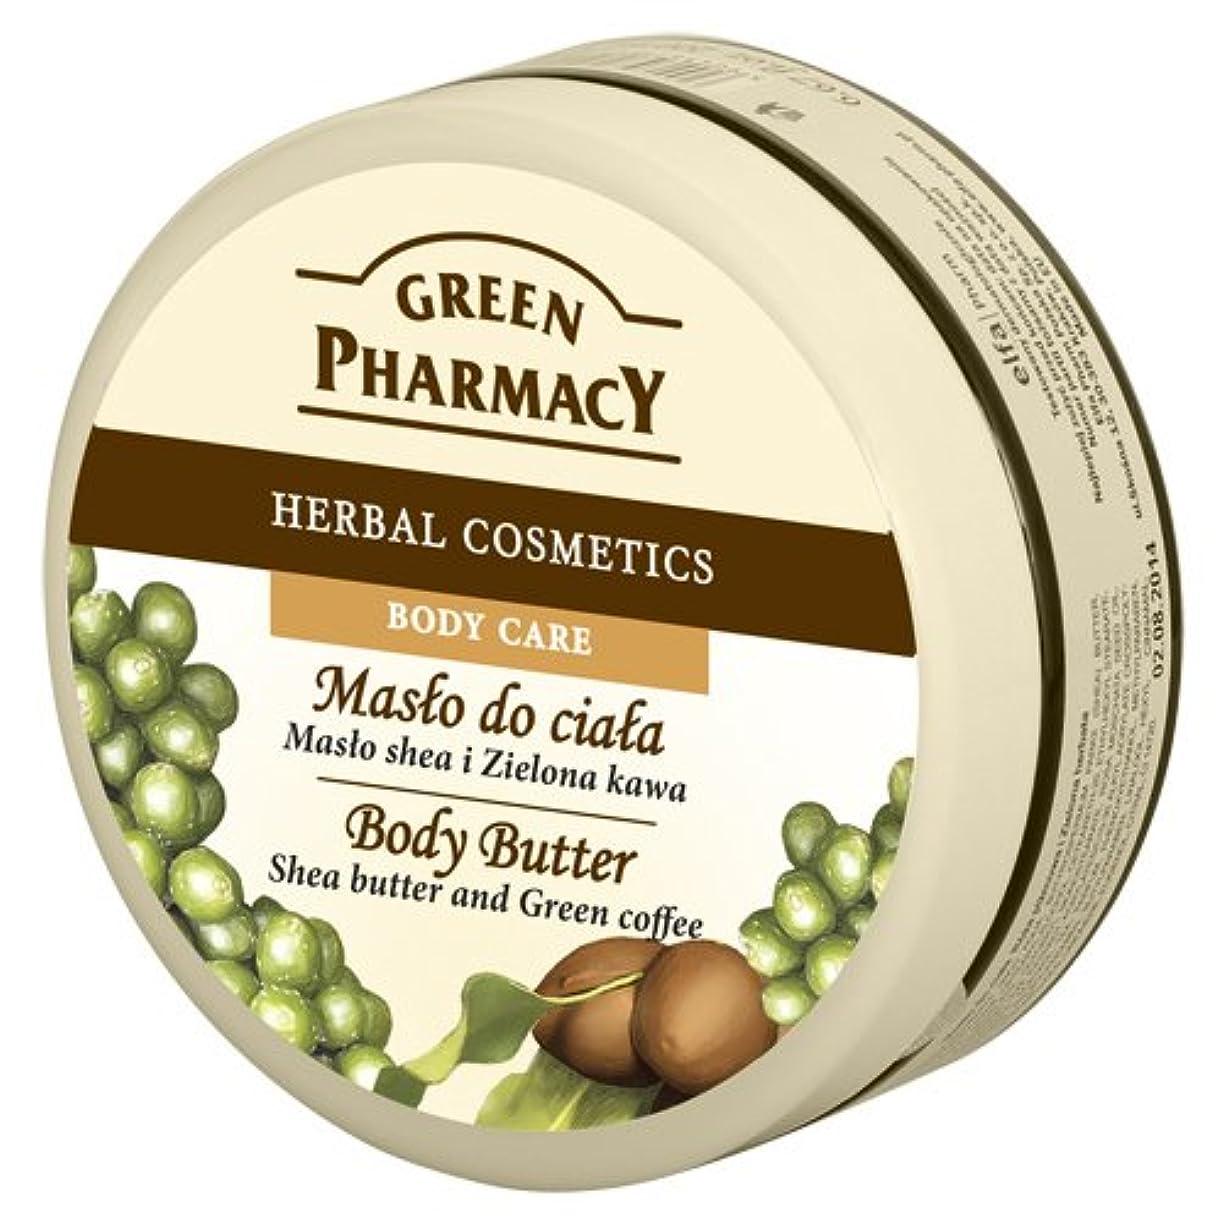 突然娘大統領Elfa Pharm Green Pharmacy グリーンファーマシー Body Butter ボディバター Shea Butter and Green Coffee